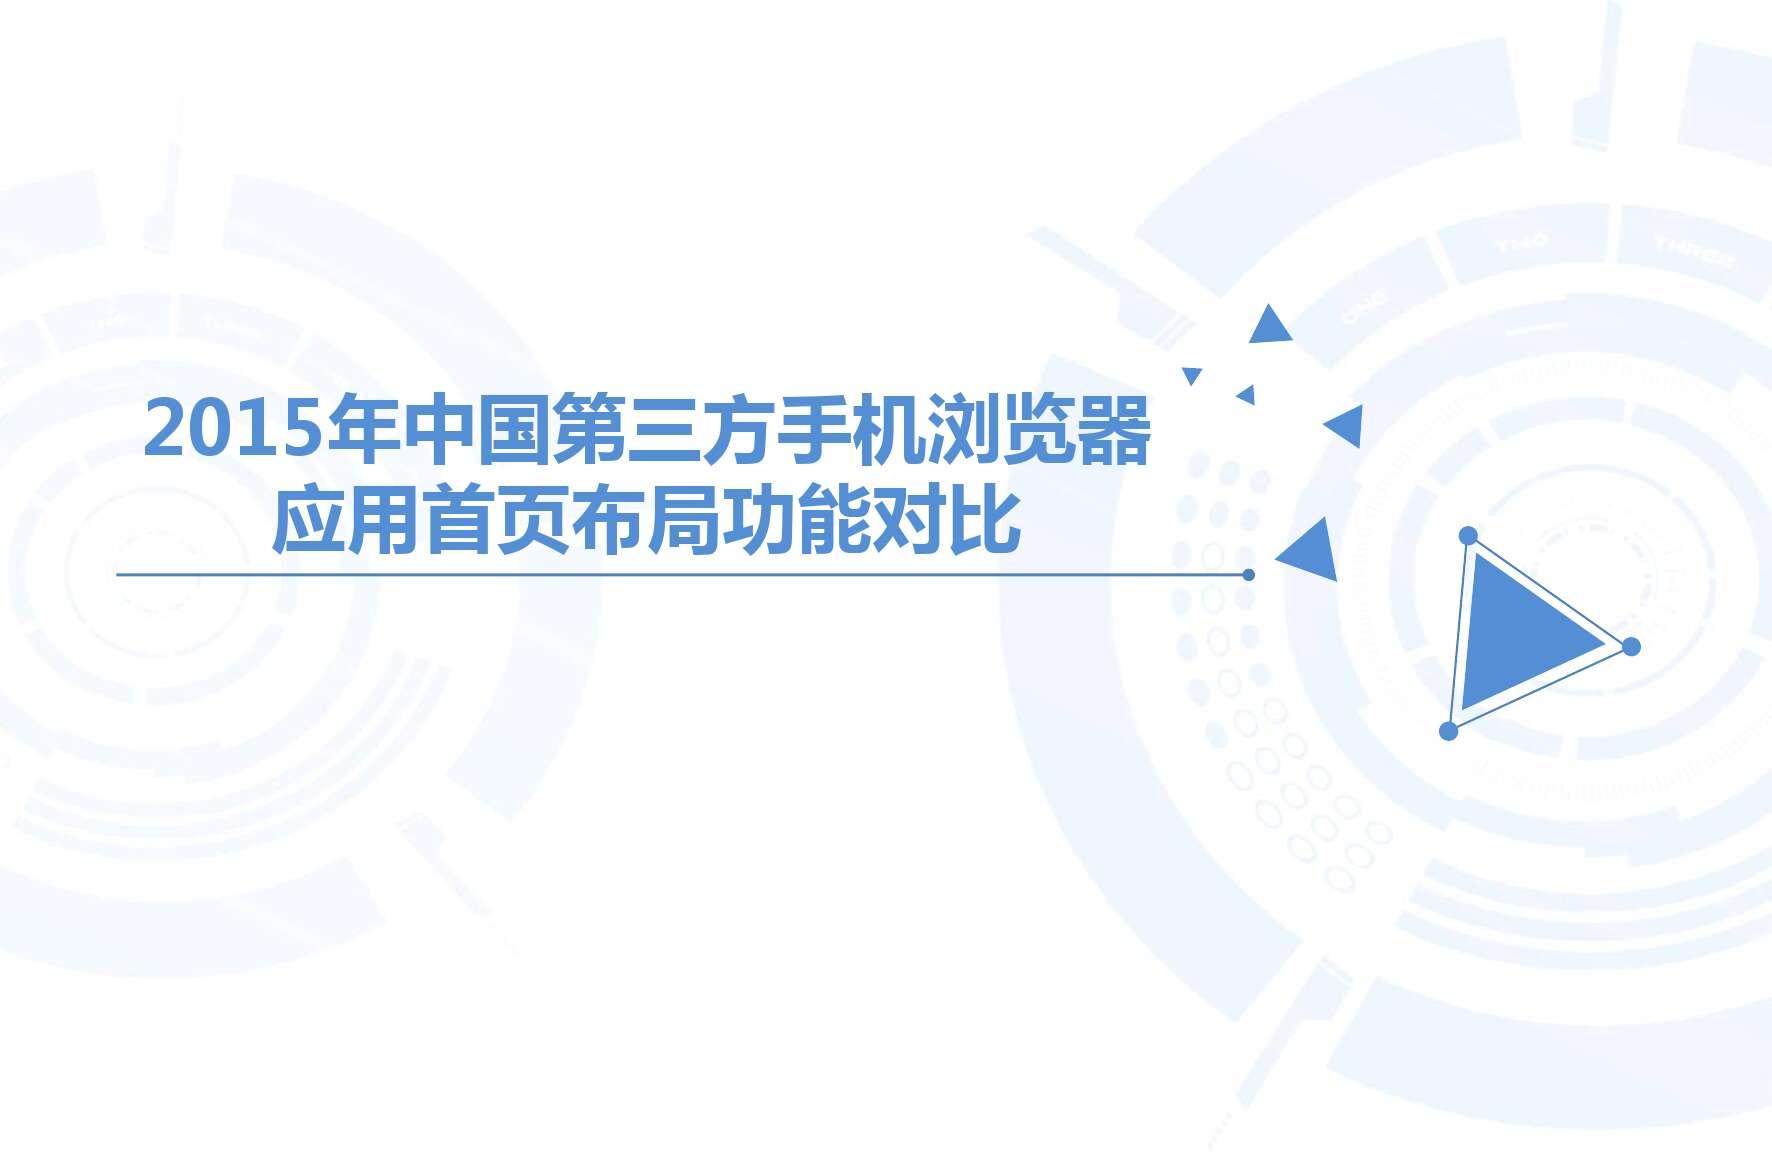 艾媒咨询:2015-2016年中国手机浏览器市场研究报告_000025